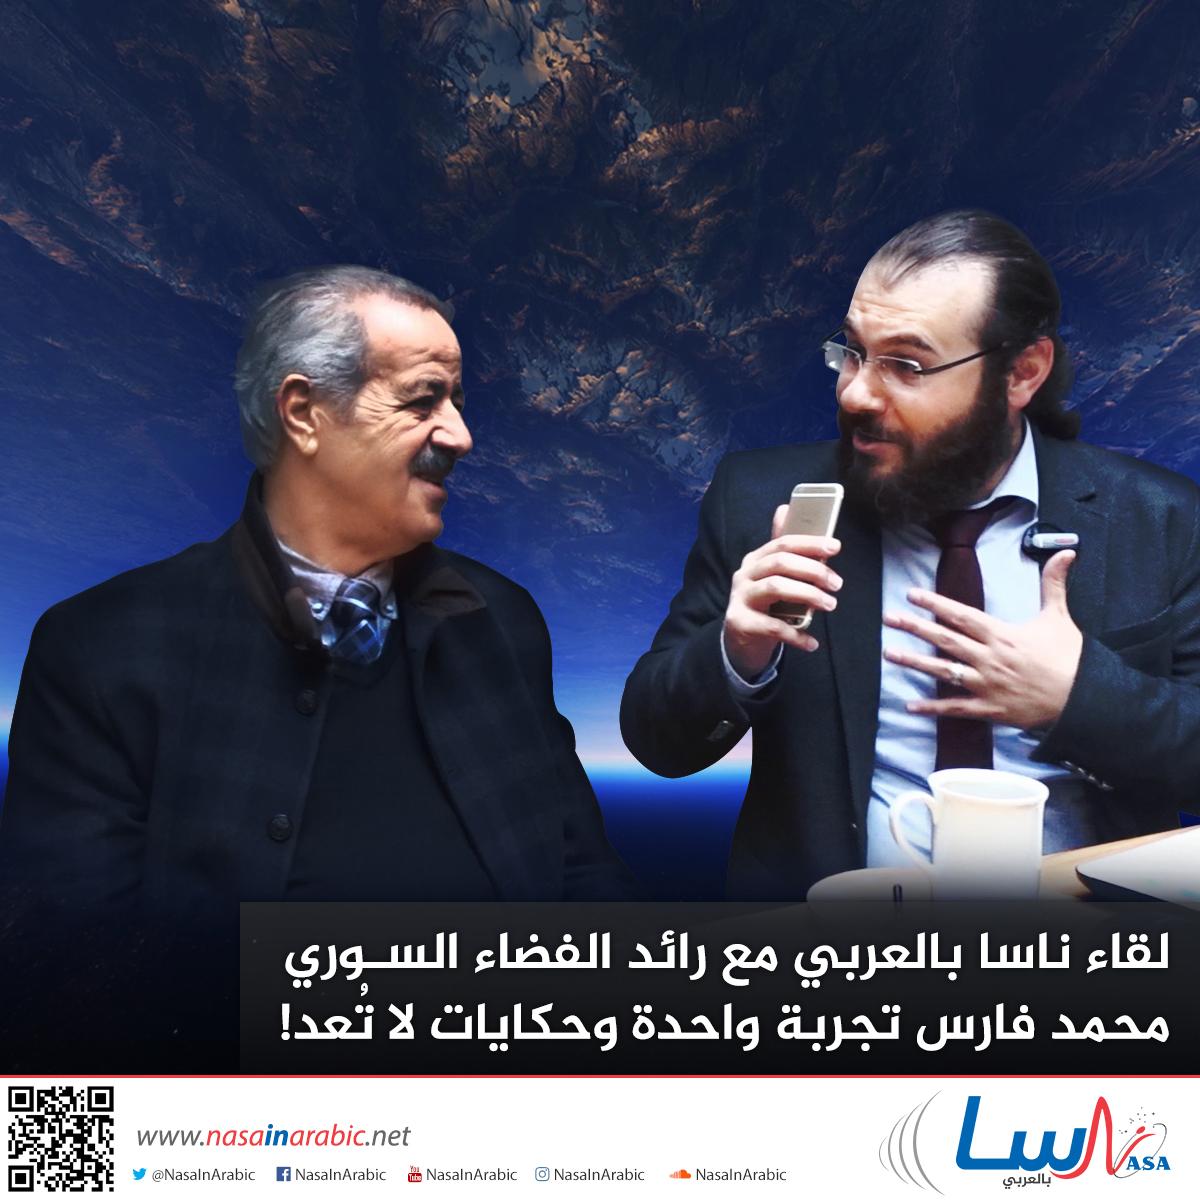 لقاء مع رائد الفضاء السوري محمد فارس.. تجربة واحدة وحكايات لا تُعد